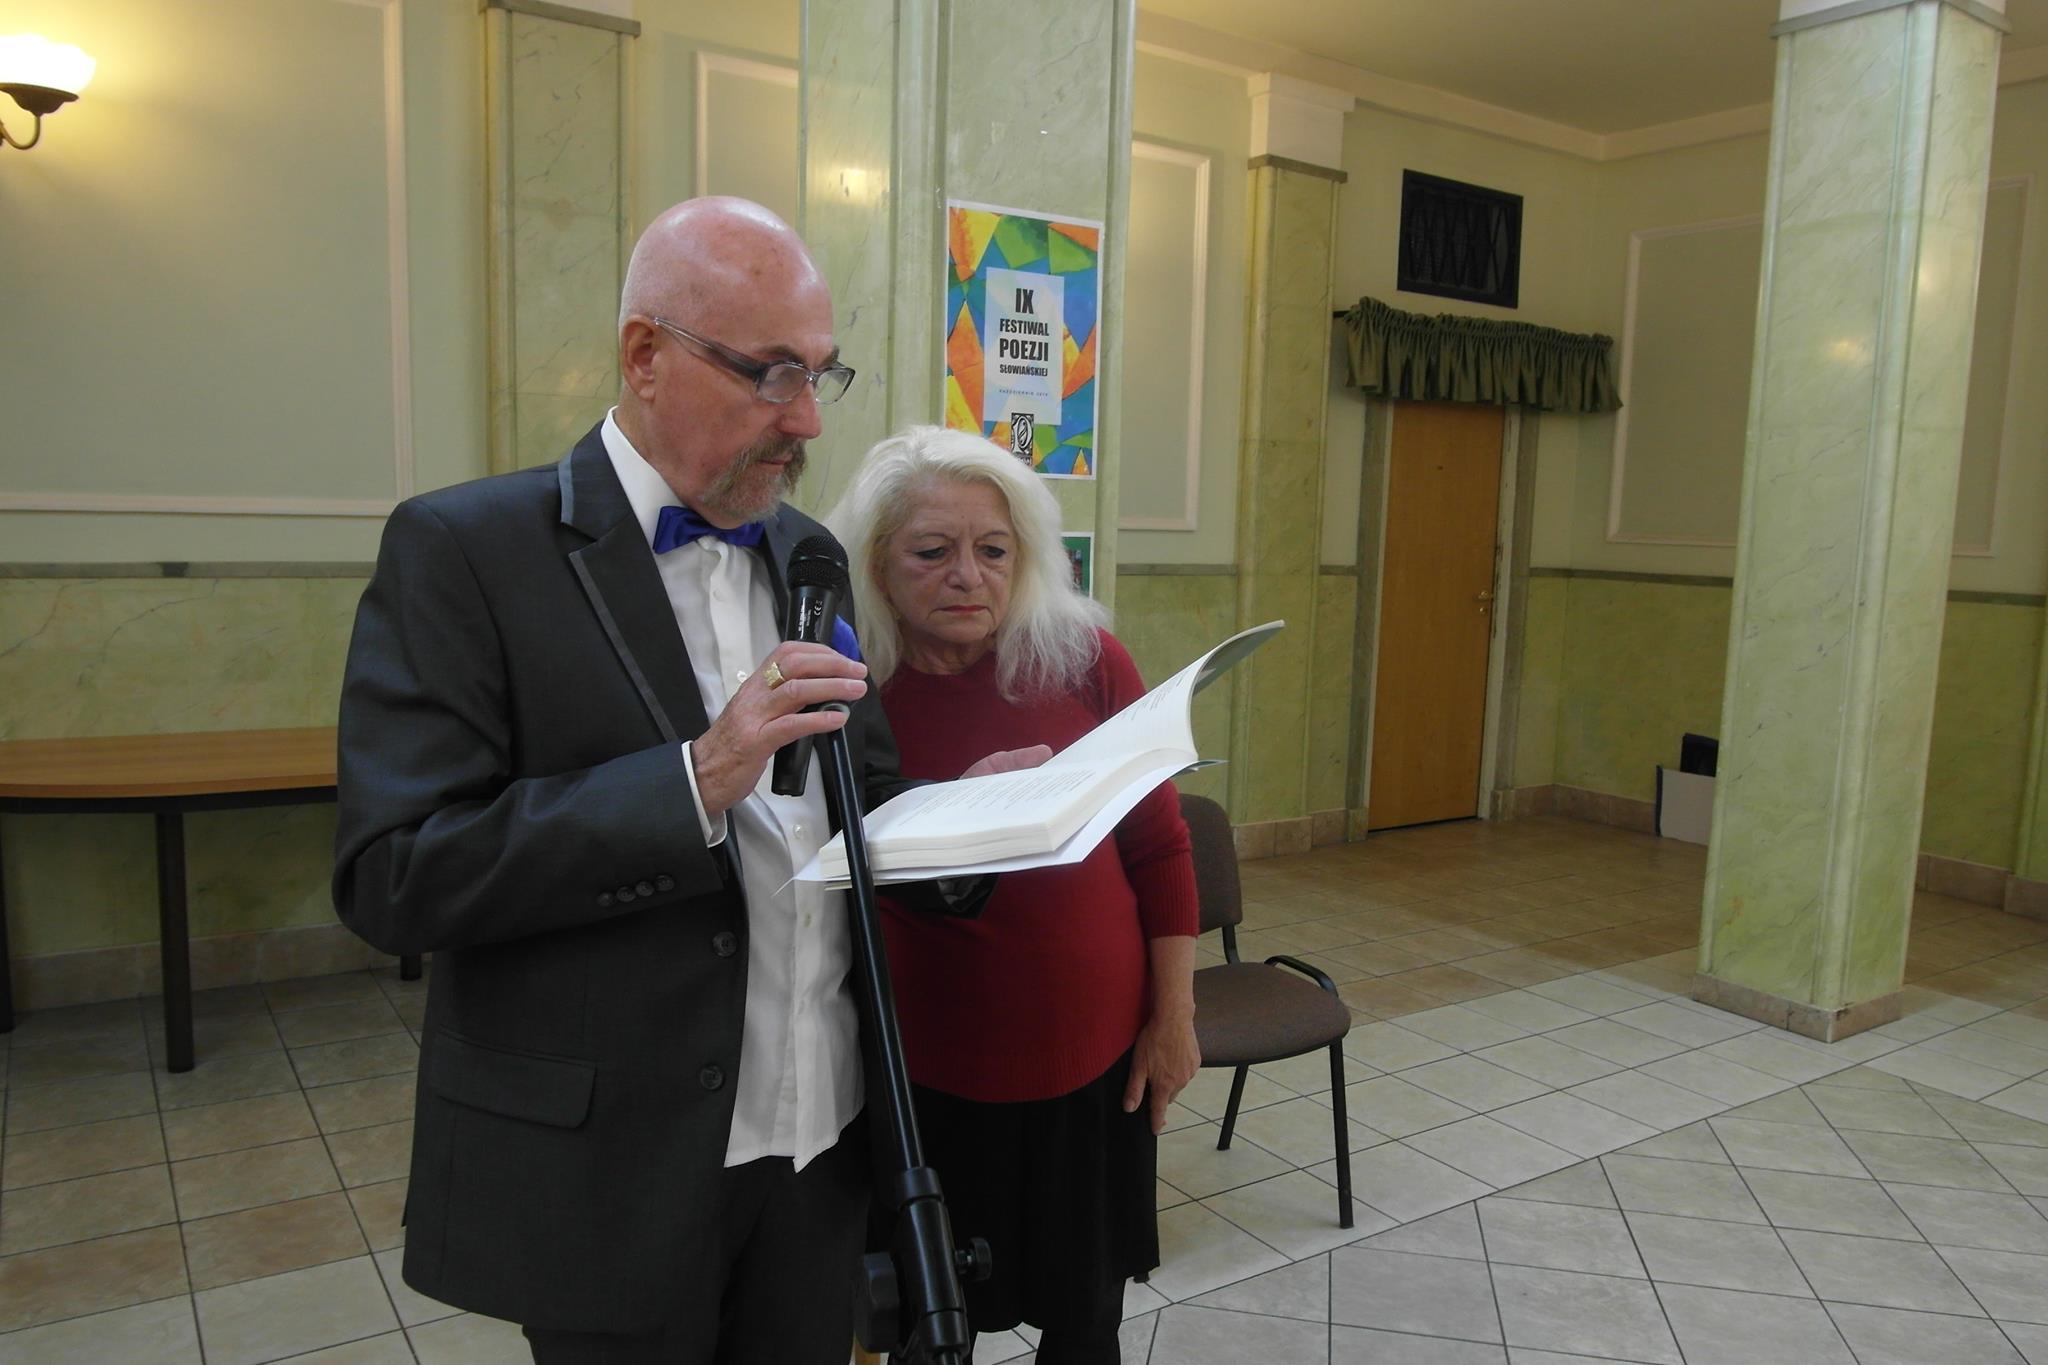 5.Dom Polonii, Aleksander Nawrocki i Angela Giannelli czytają wiersze